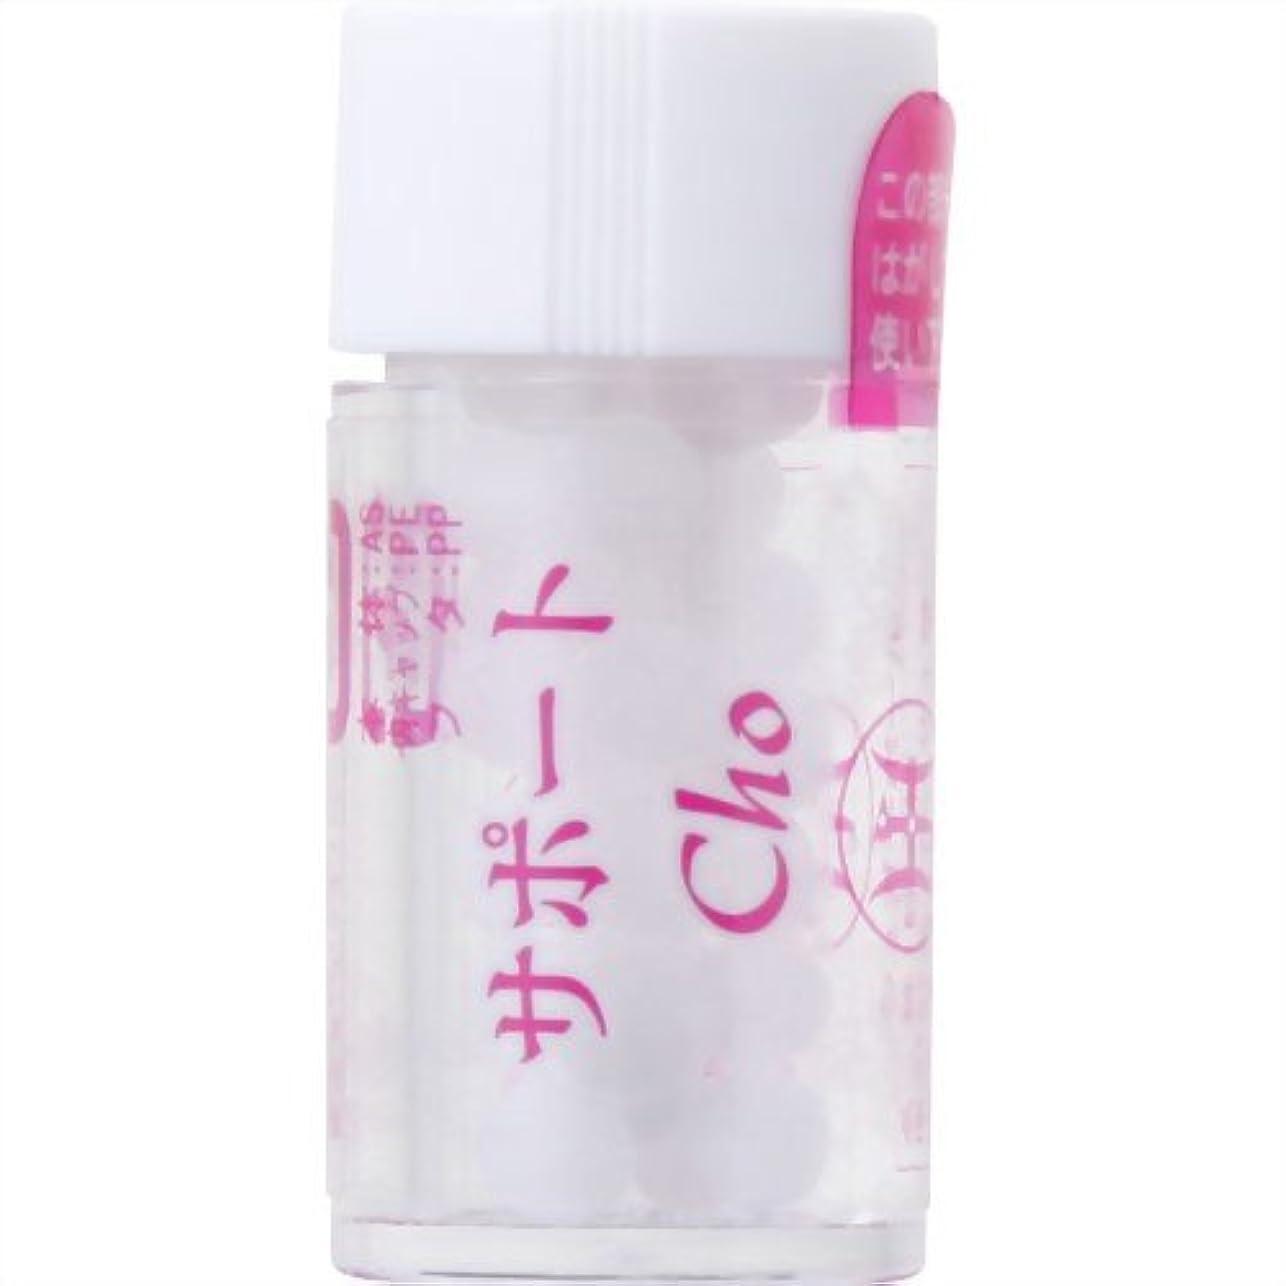 交流するホイッスル酸素ホメオパシージャパンレメディー サポートCho(小ビン)